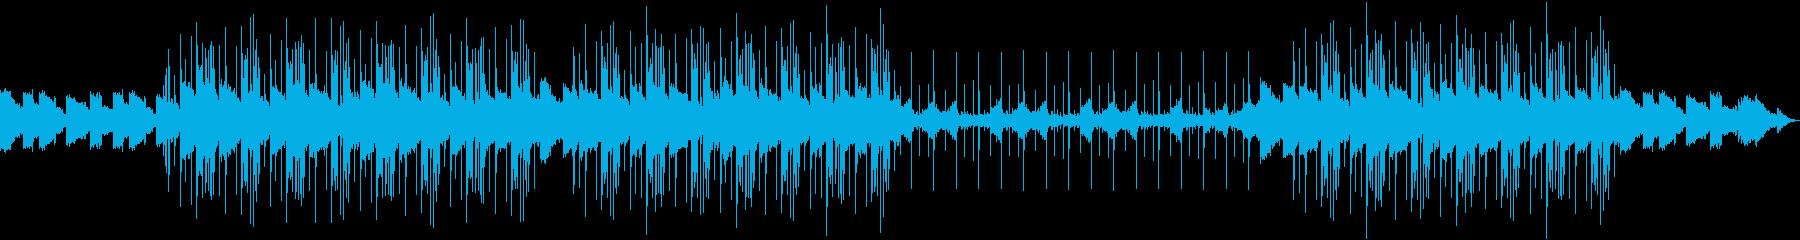 落ち着くLo-Fi HipHopのBGMの再生済みの波形